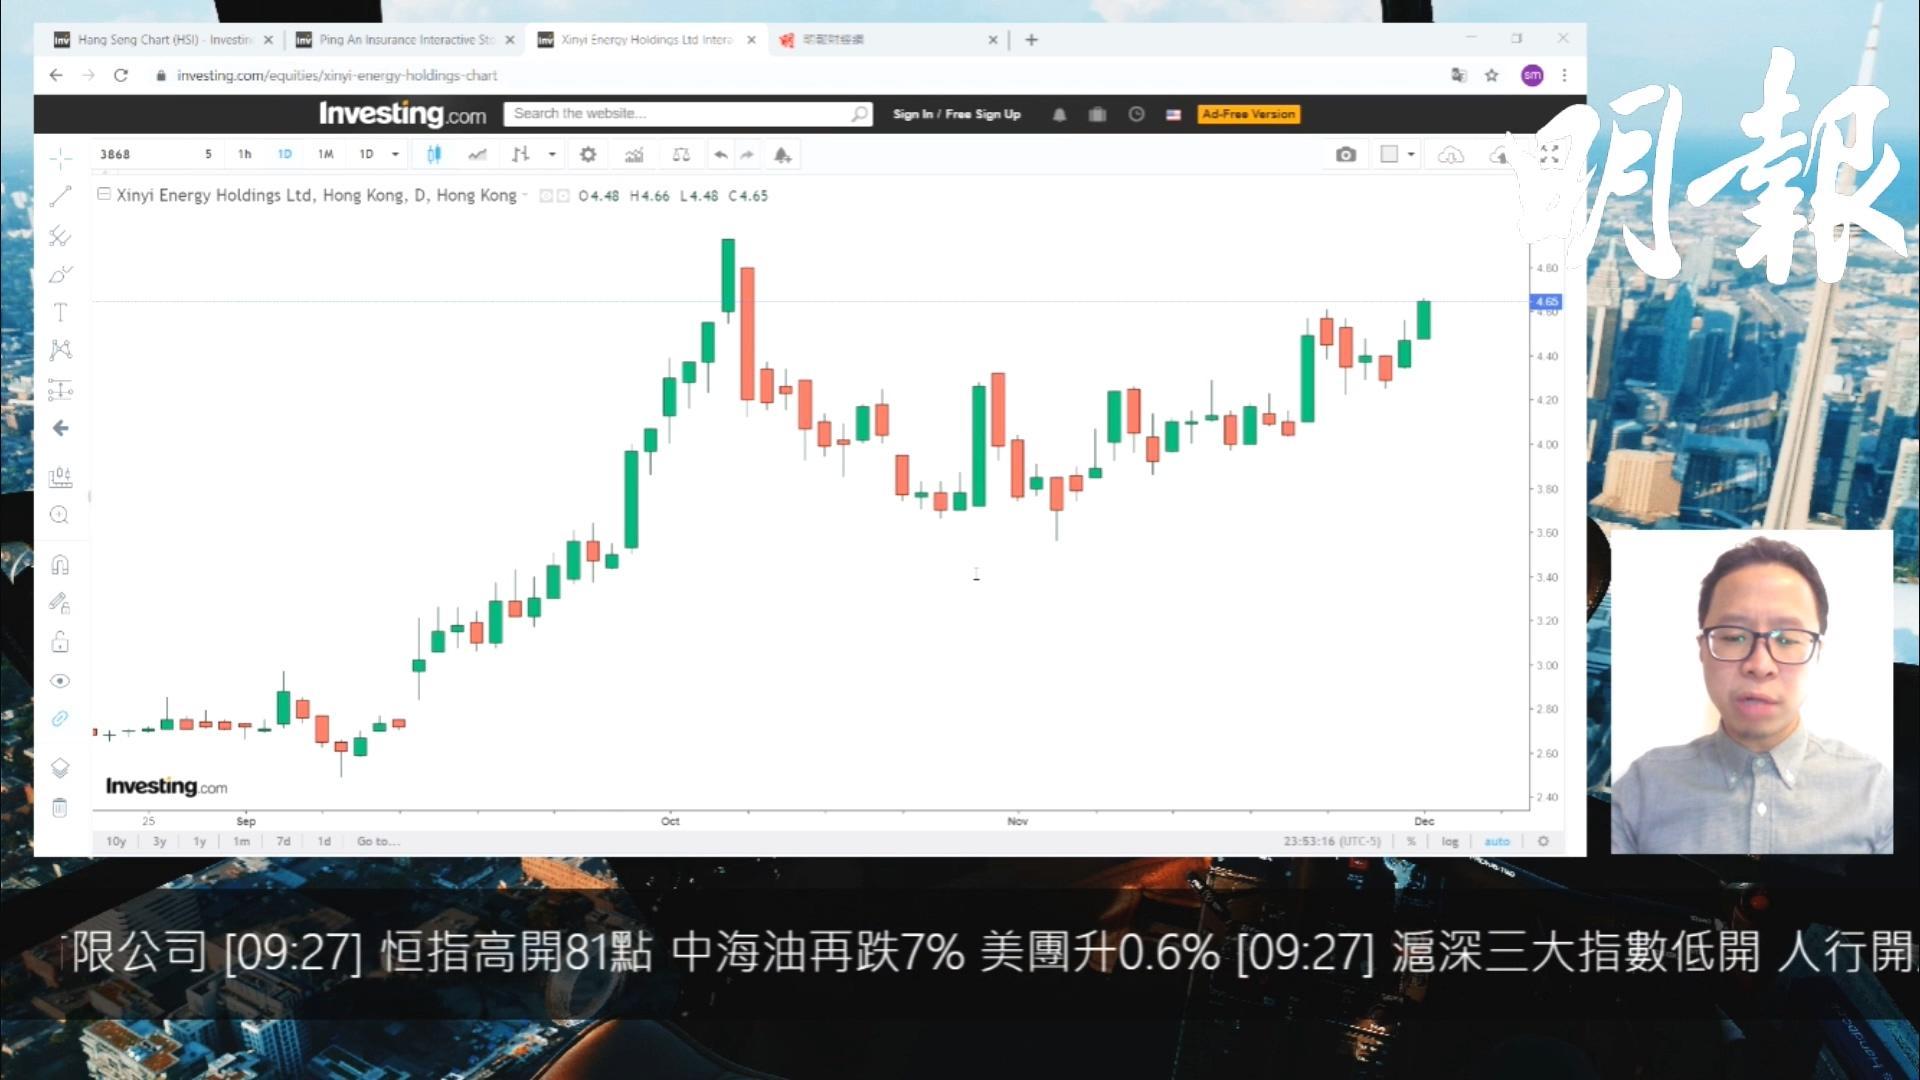 【有片:選股王】股價調整後轉強 信義能源可以留意